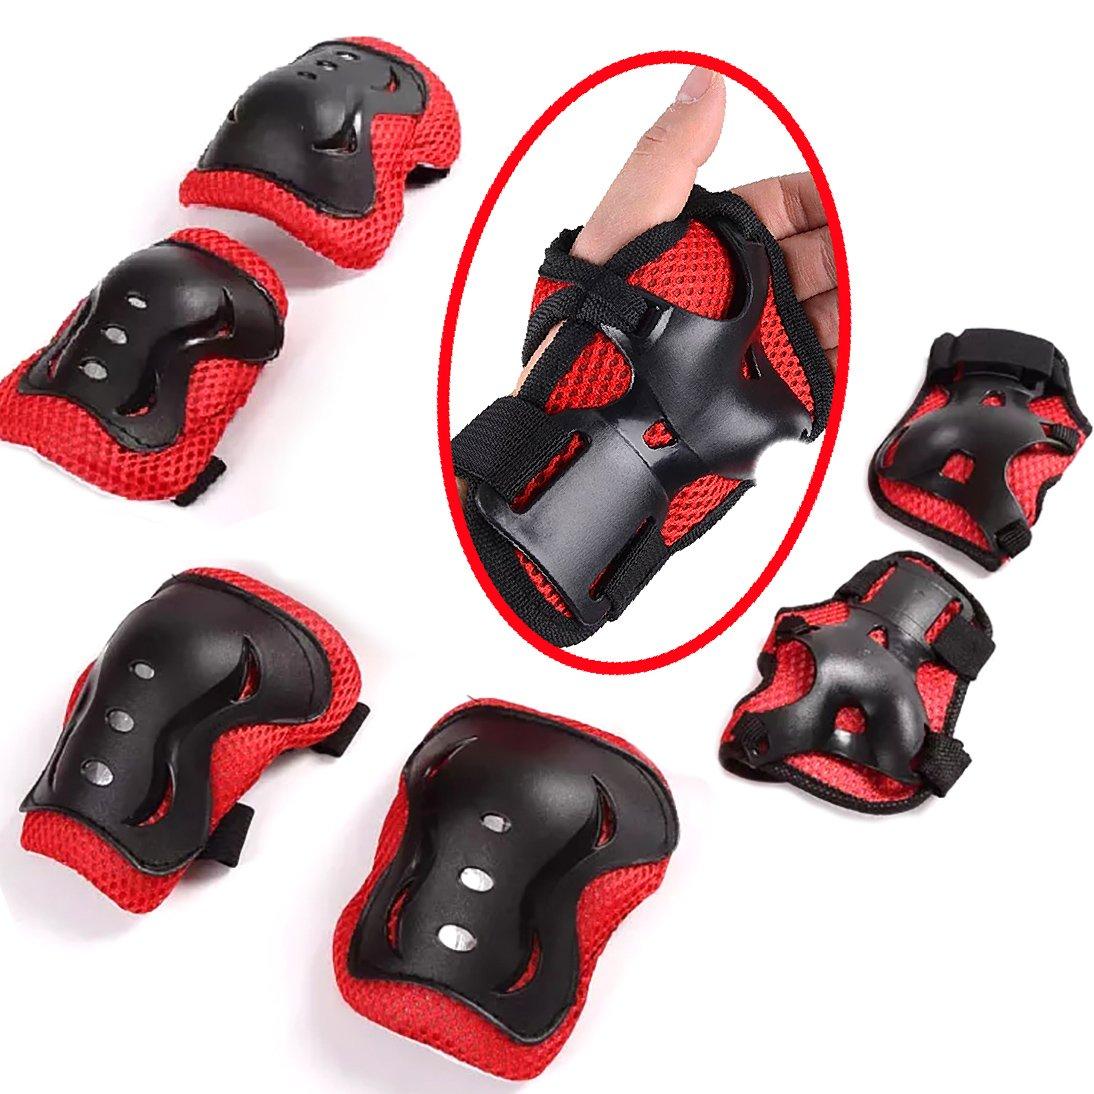 【 開梱 設置?無料 】 保護具、子供用ニーエルボーパッドおよびリストガードキッズパッドセットインラインローラースケートサイクリングスケートボードスクーターブラック B076D6LDZL&レッド B076D6LDZL, タカハシシ:b281e350 --- a0267596.xsph.ru